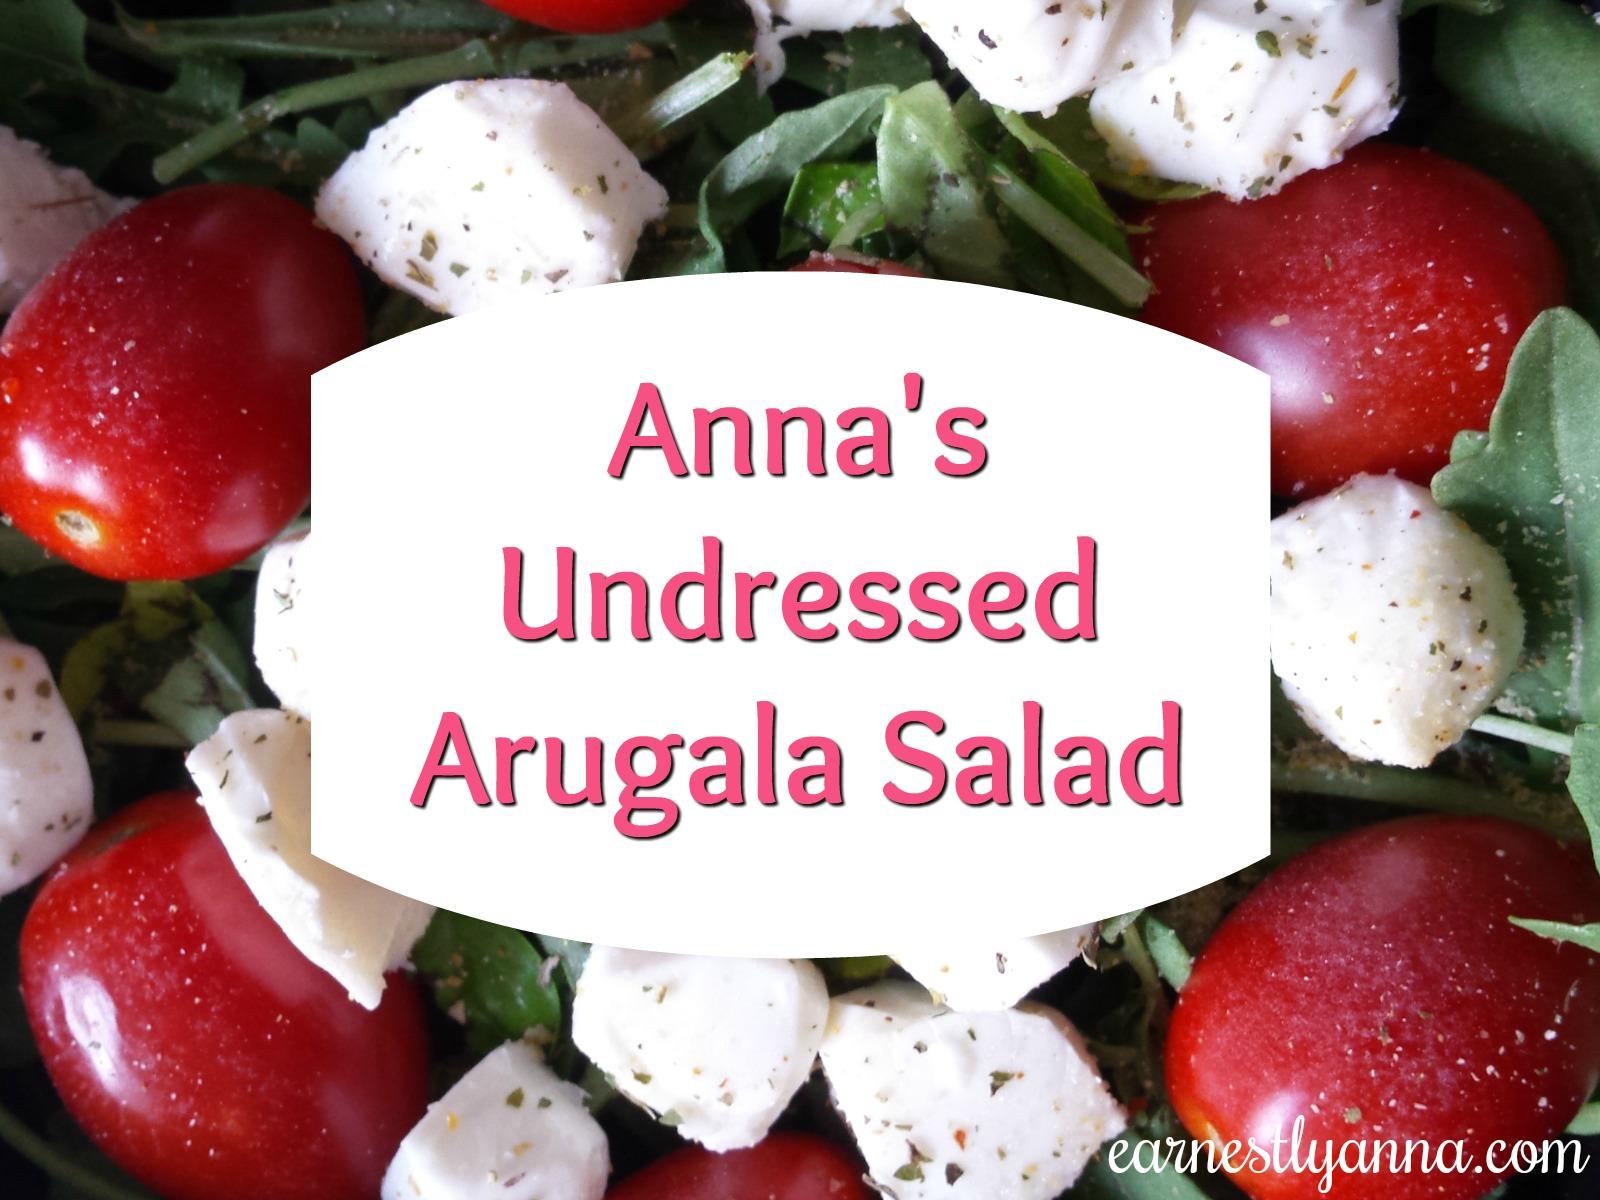 undressed-arugala-salad